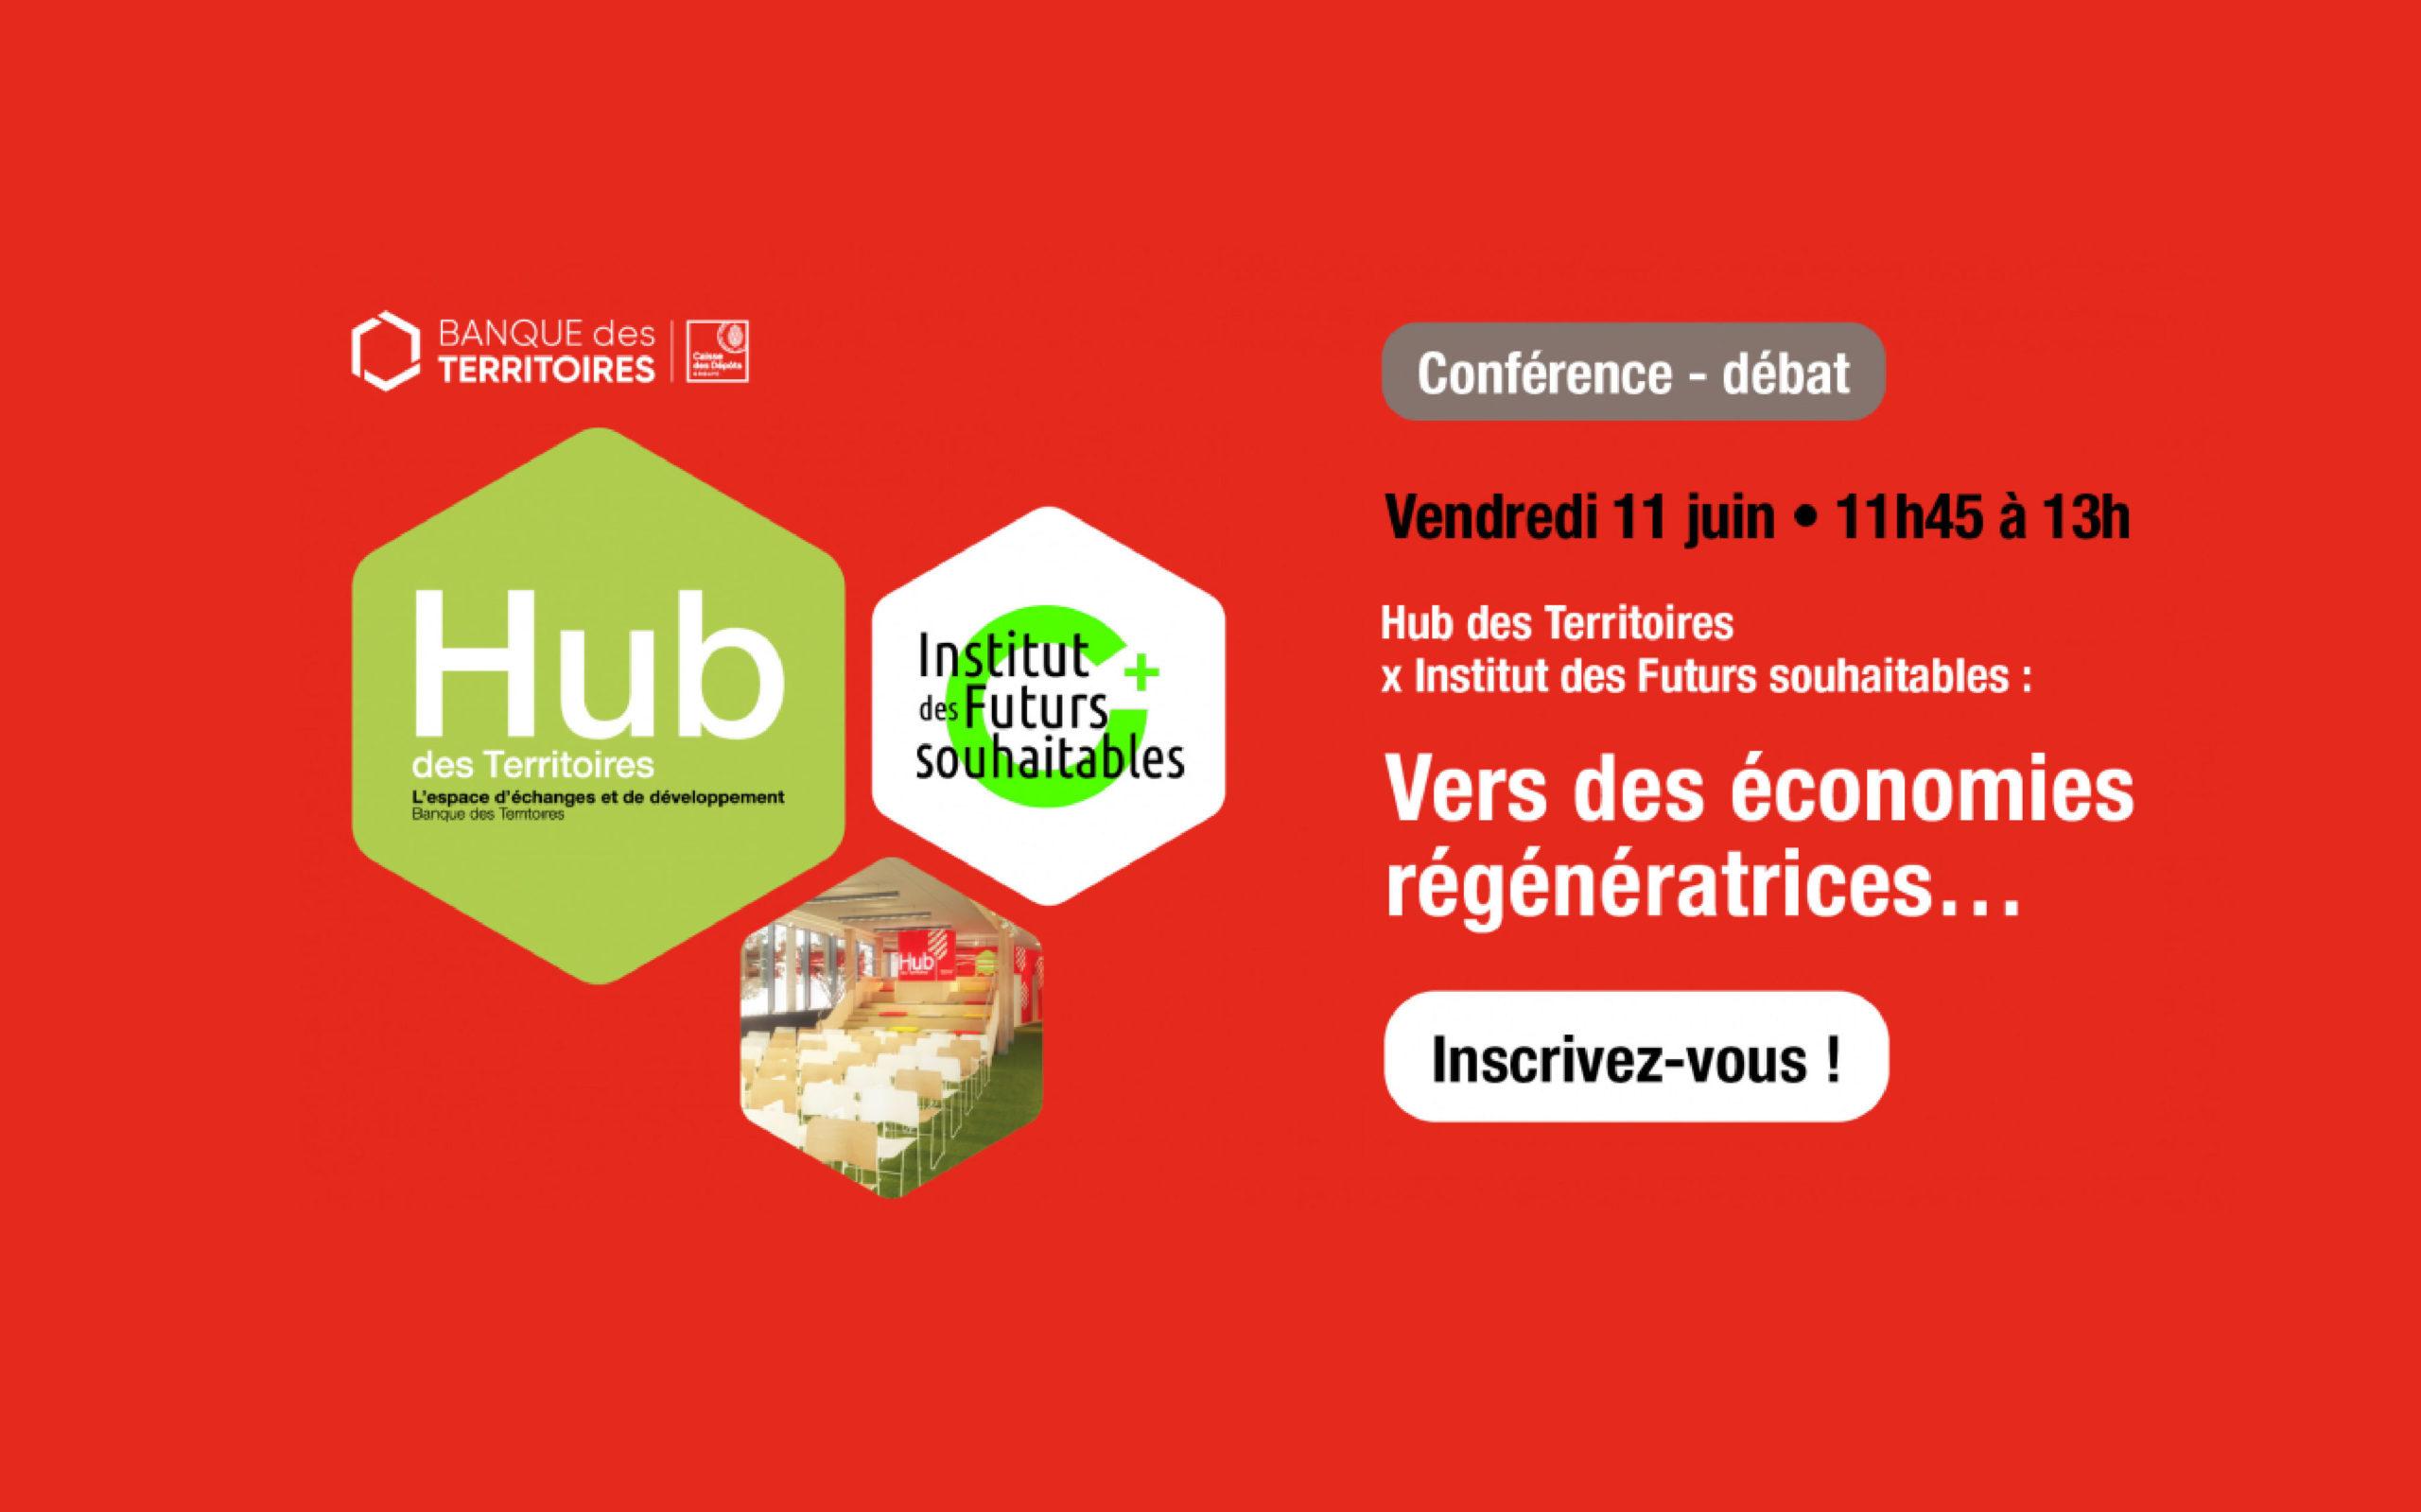 image Le Hub des Territoires est lancé